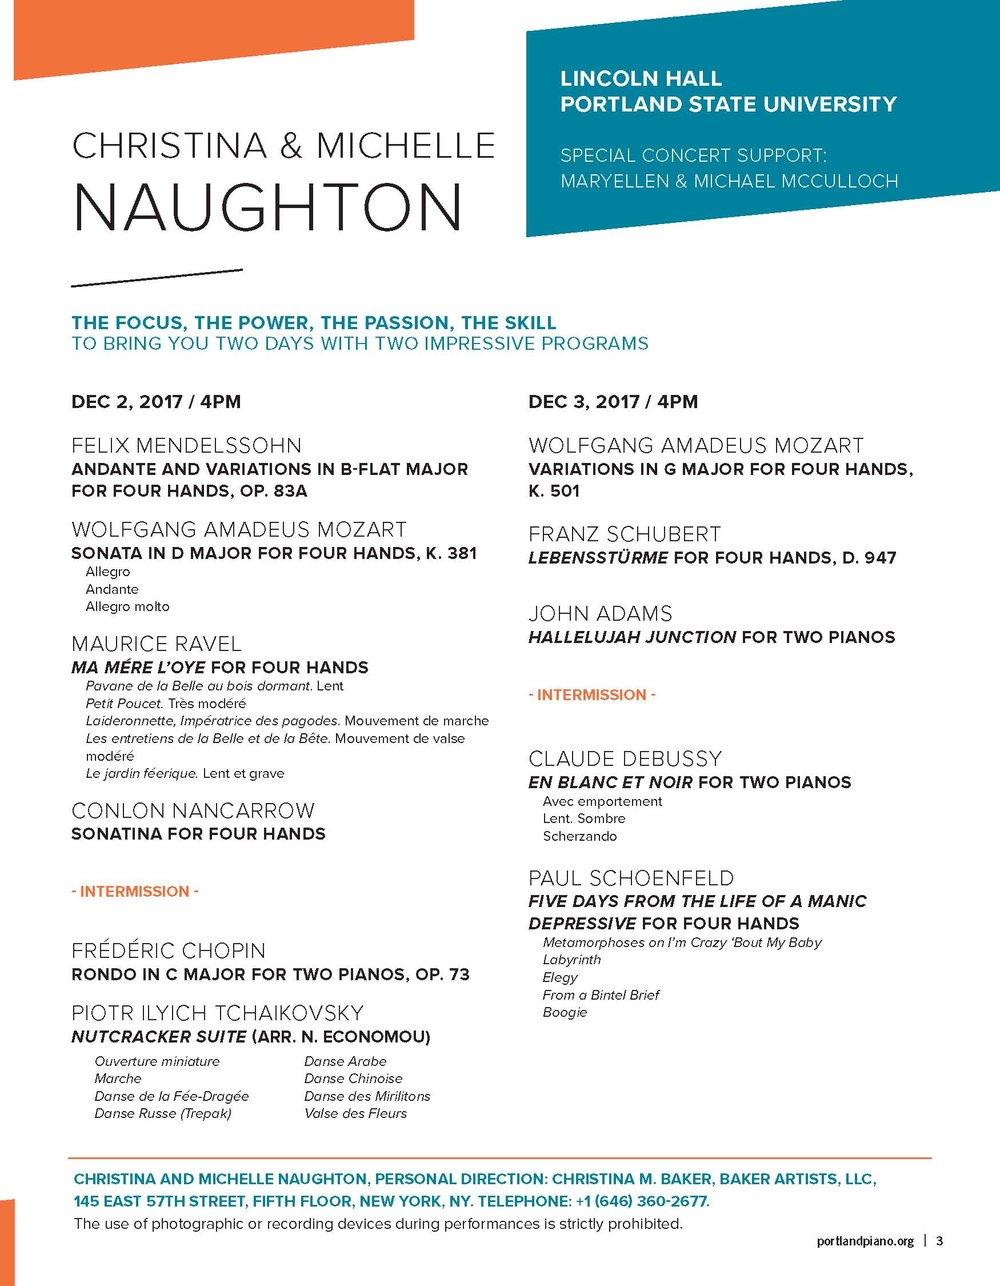 Naughton Program FINAL_Page_05.jpg